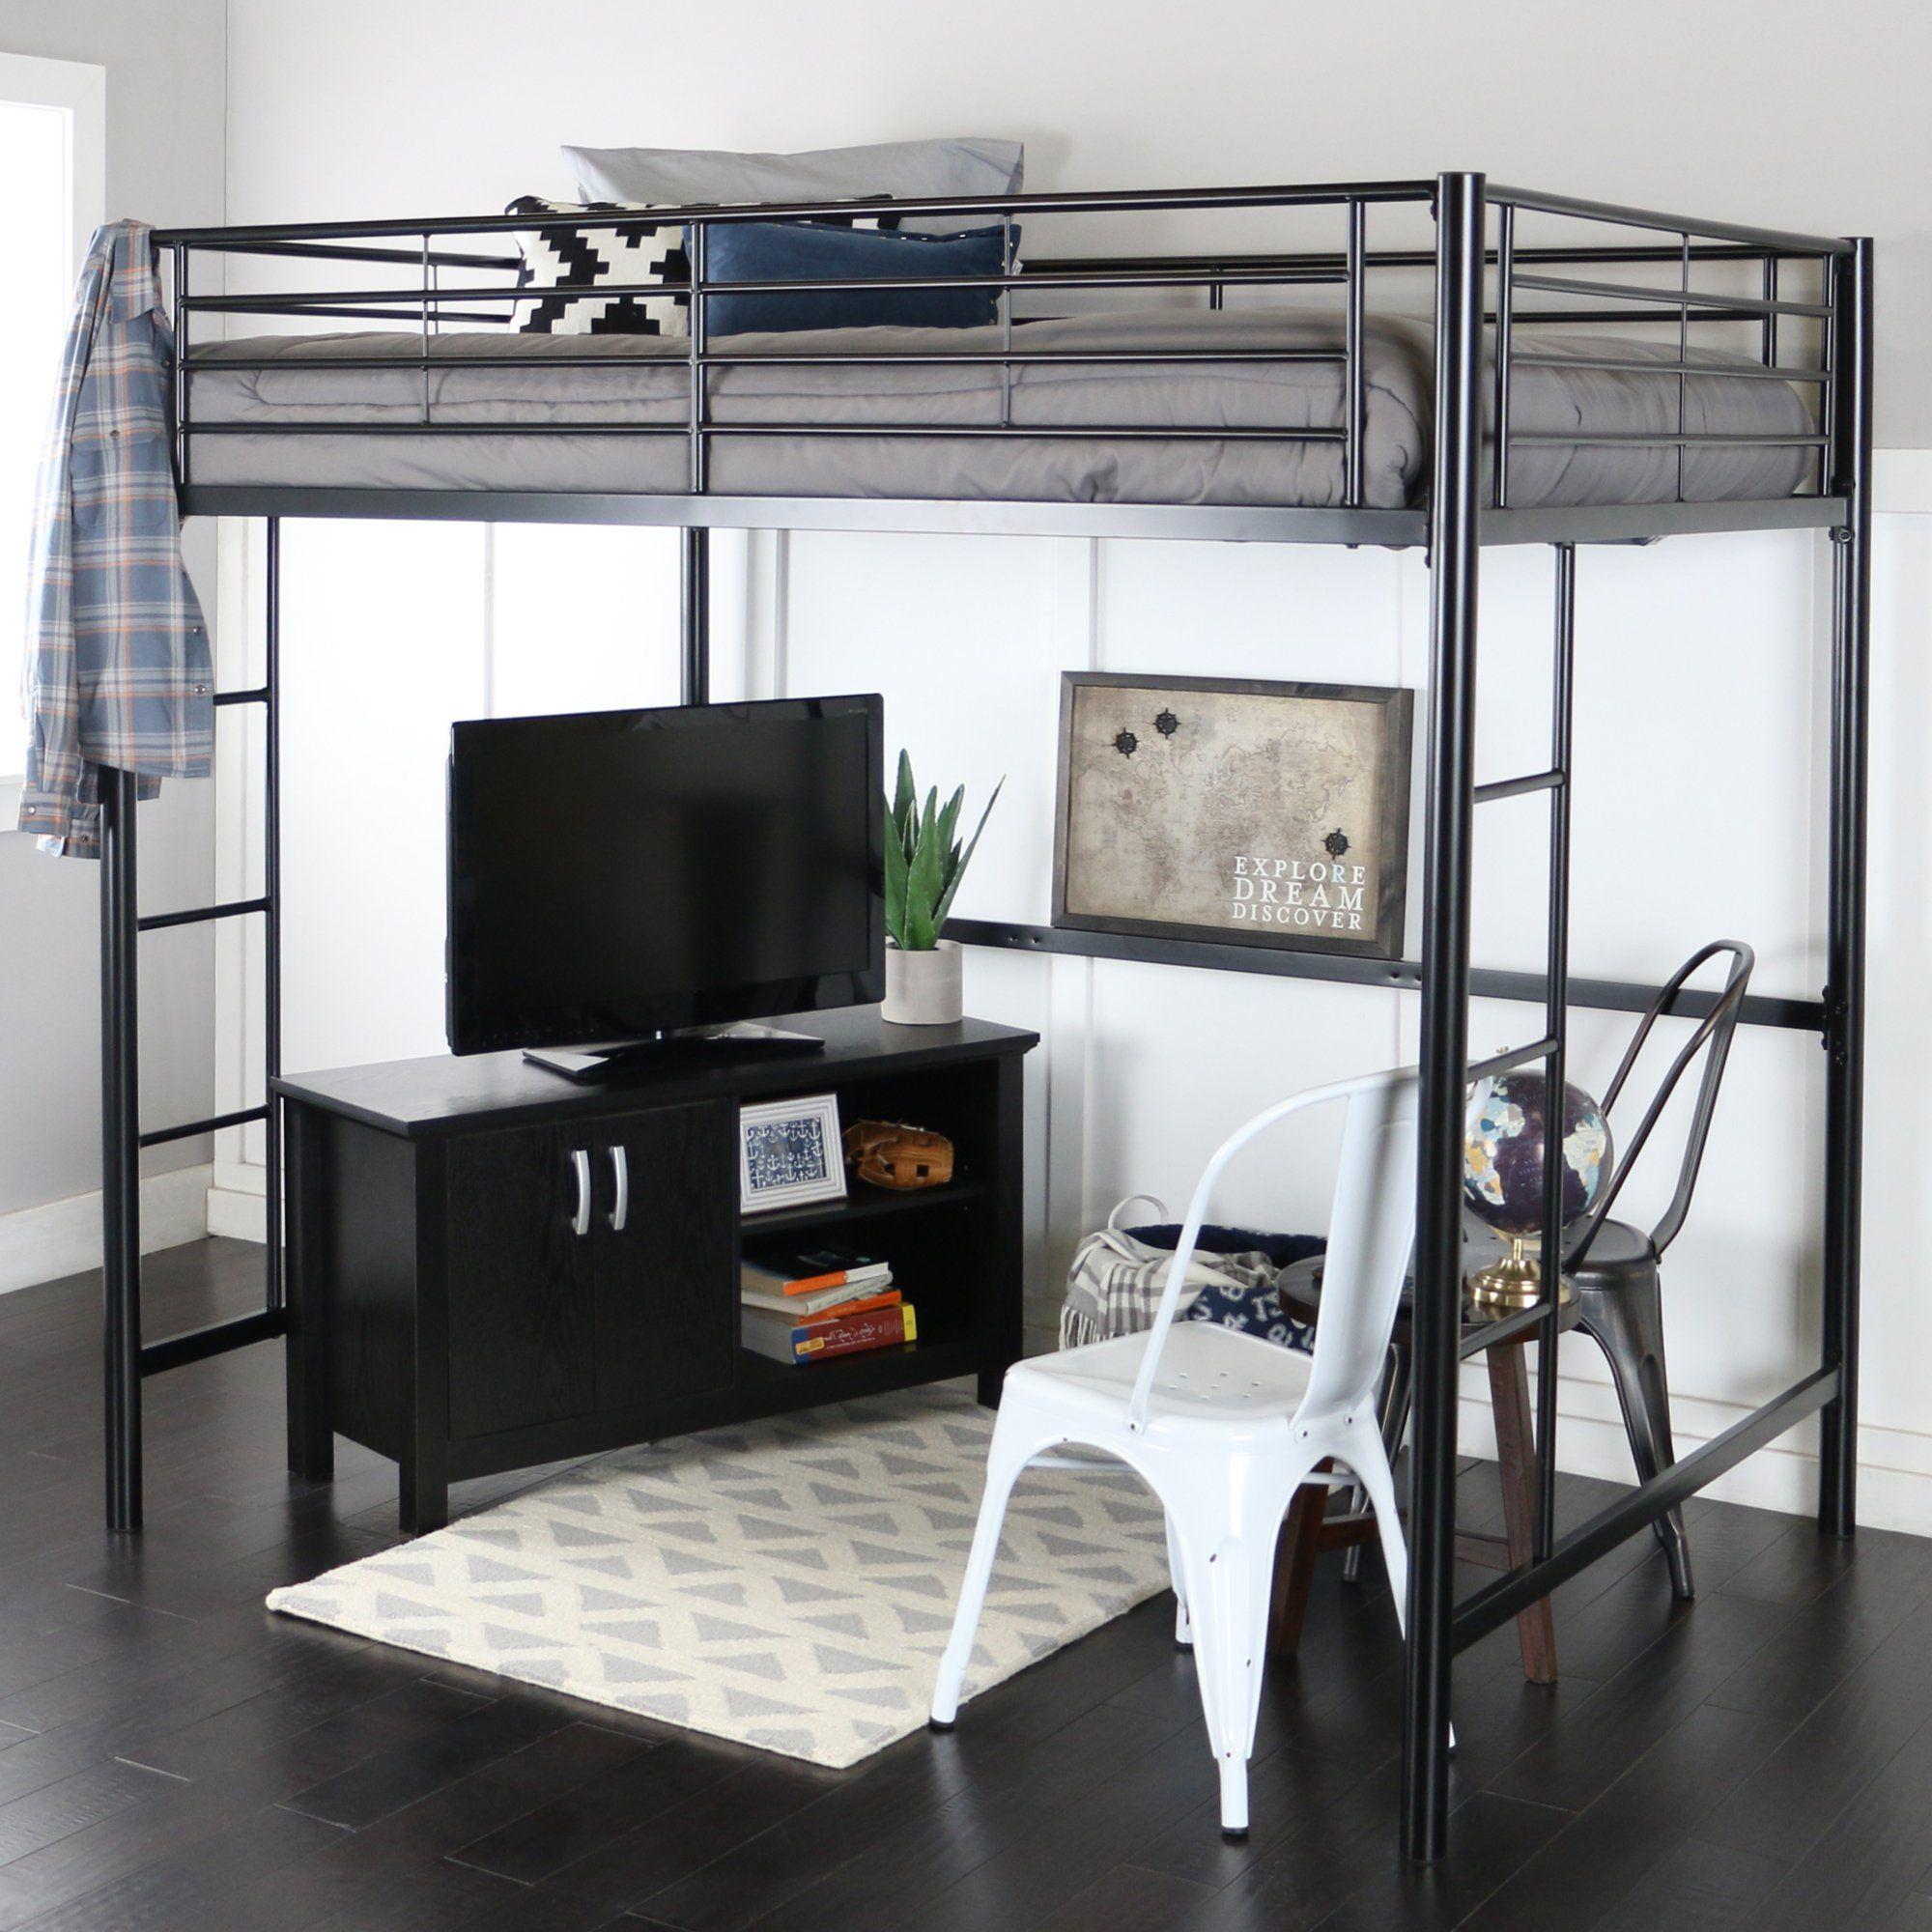 We Furniture Loft Bunk Bed Full Metal Black Modern Loft Bed Loft Bunk Beds Kids Loft Beds